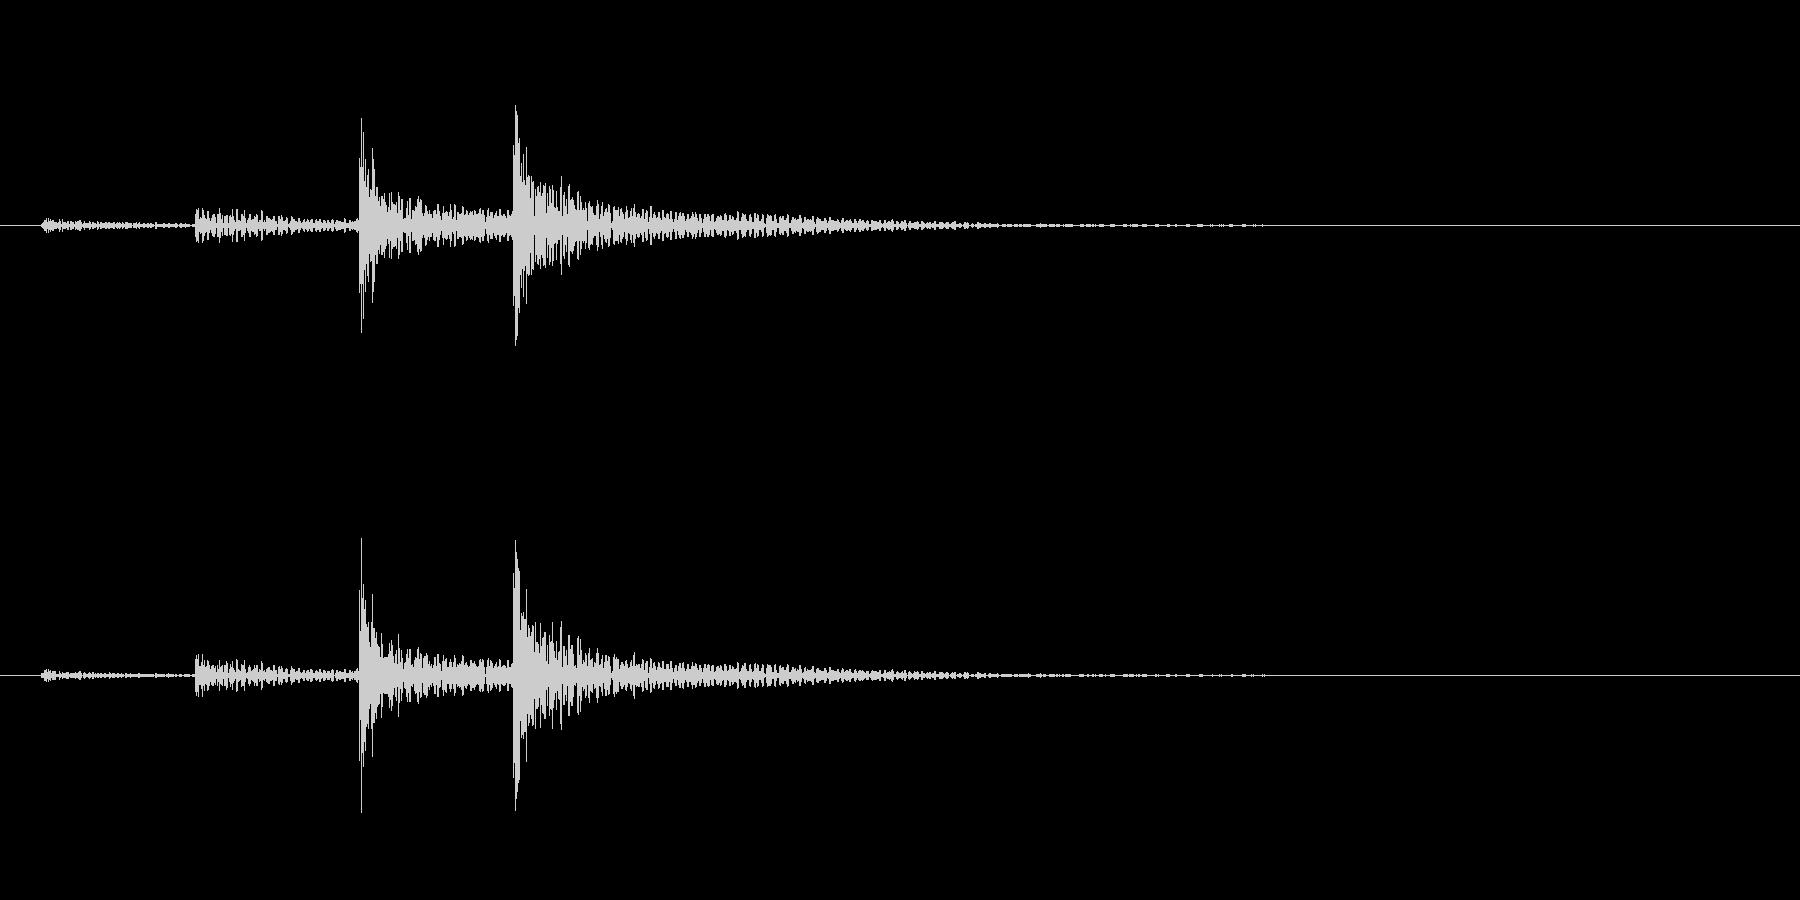 「ドン…」和太鼓の大太鼓フレーズ音+FXの未再生の波形